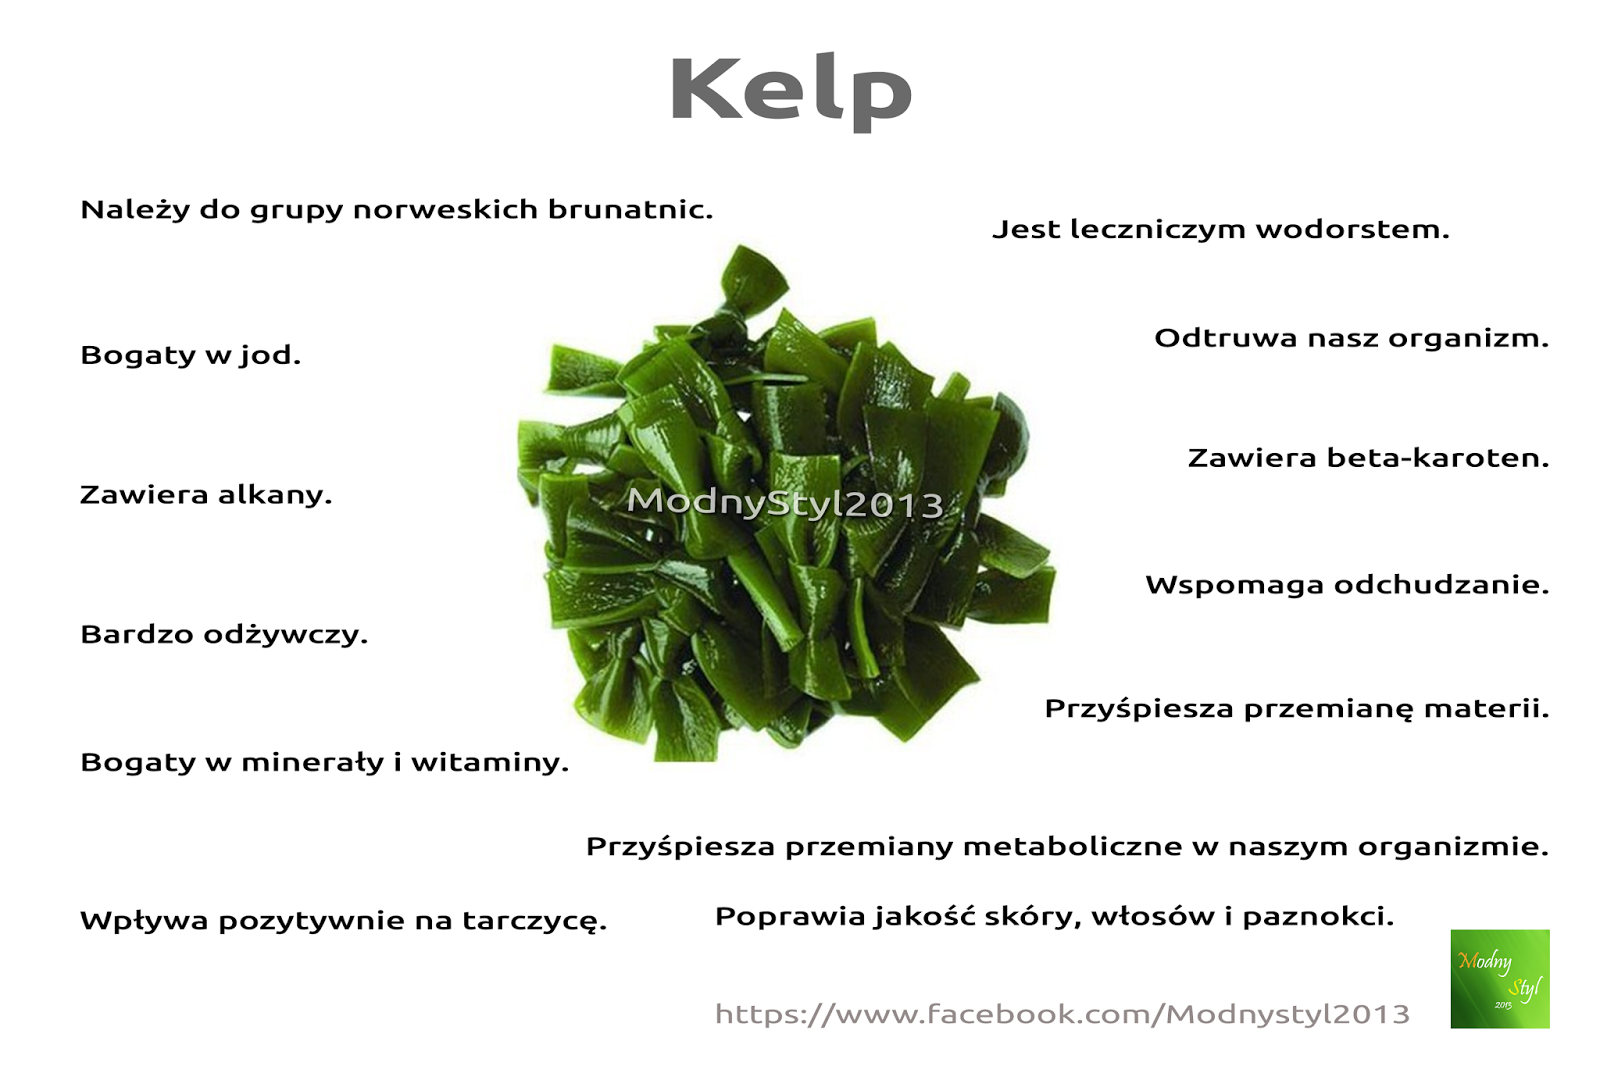 kelp-8617916